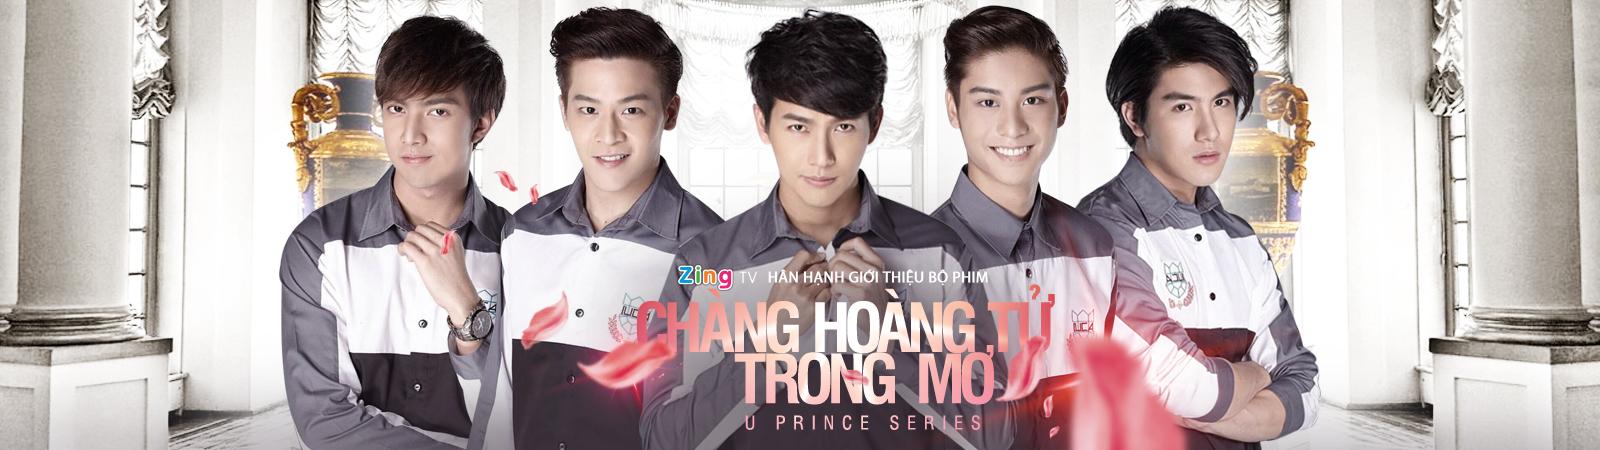 U Prince Series - Chàng Hoàng Tử Trong Mơ